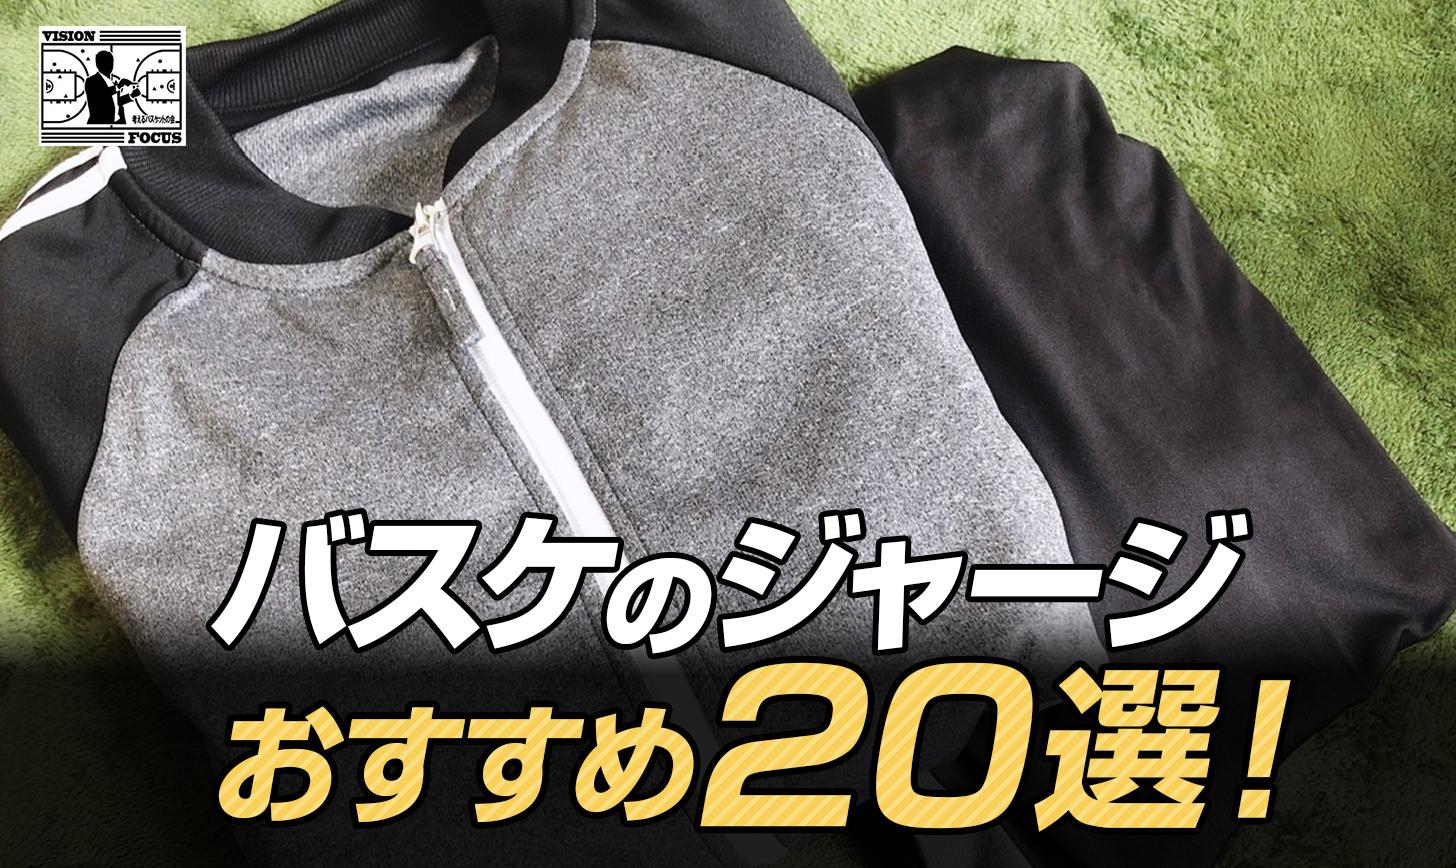 【保存版】バスケのジャージおすすめ30選!メンズ・レディース・ジュニアでそれぞれまとめました!